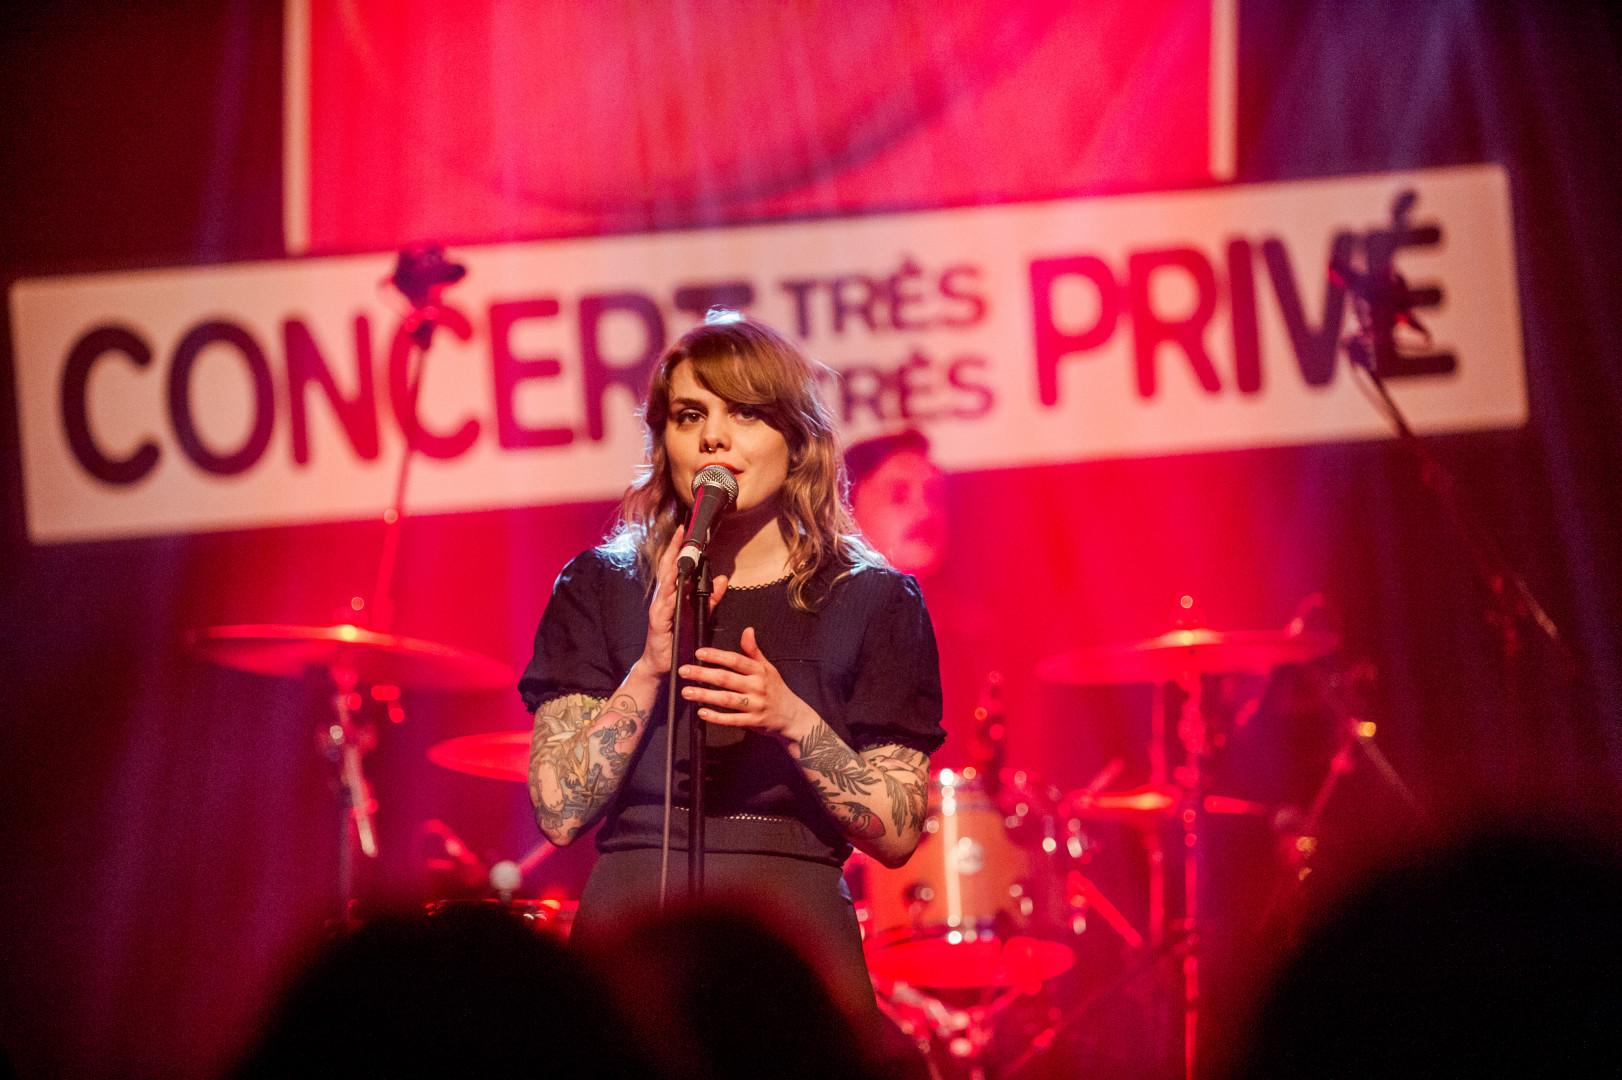 Cœur de Pirate en Concert Très Très Privé RTL2